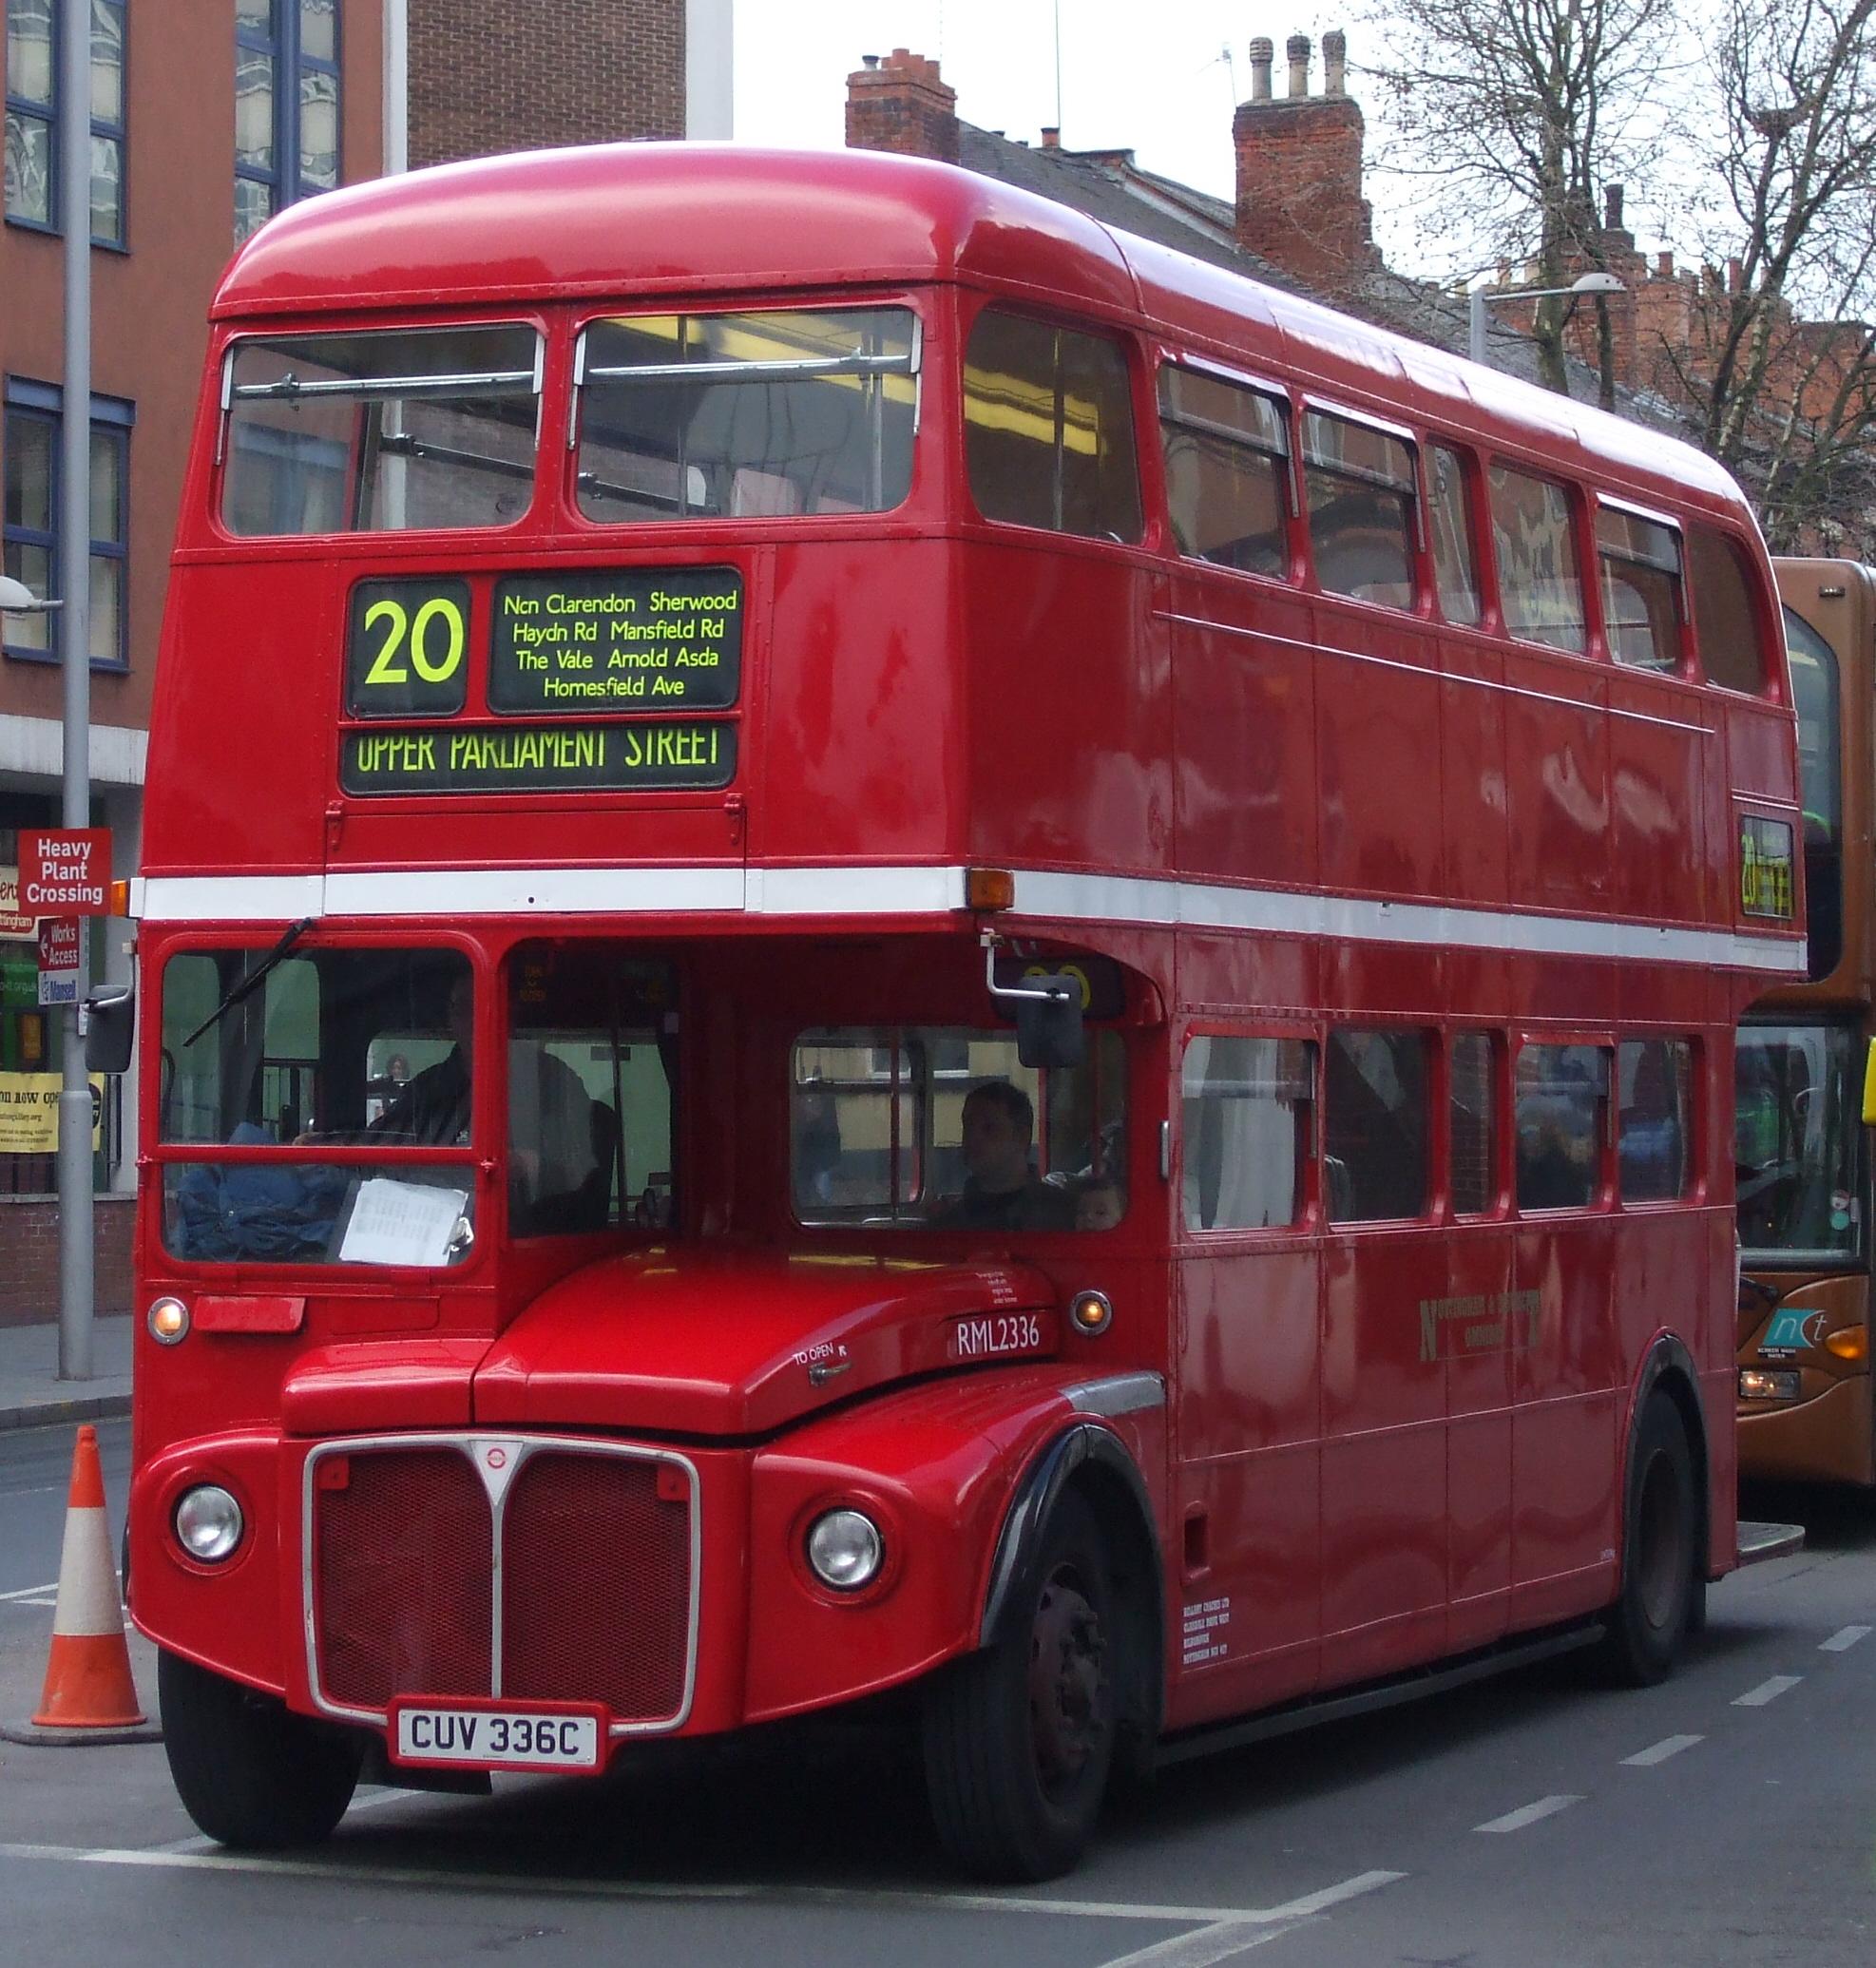 File Nottingham  U0026 District Omnibus Routemaster Bus Rml2336  Cuv 336c   Mansfield Street